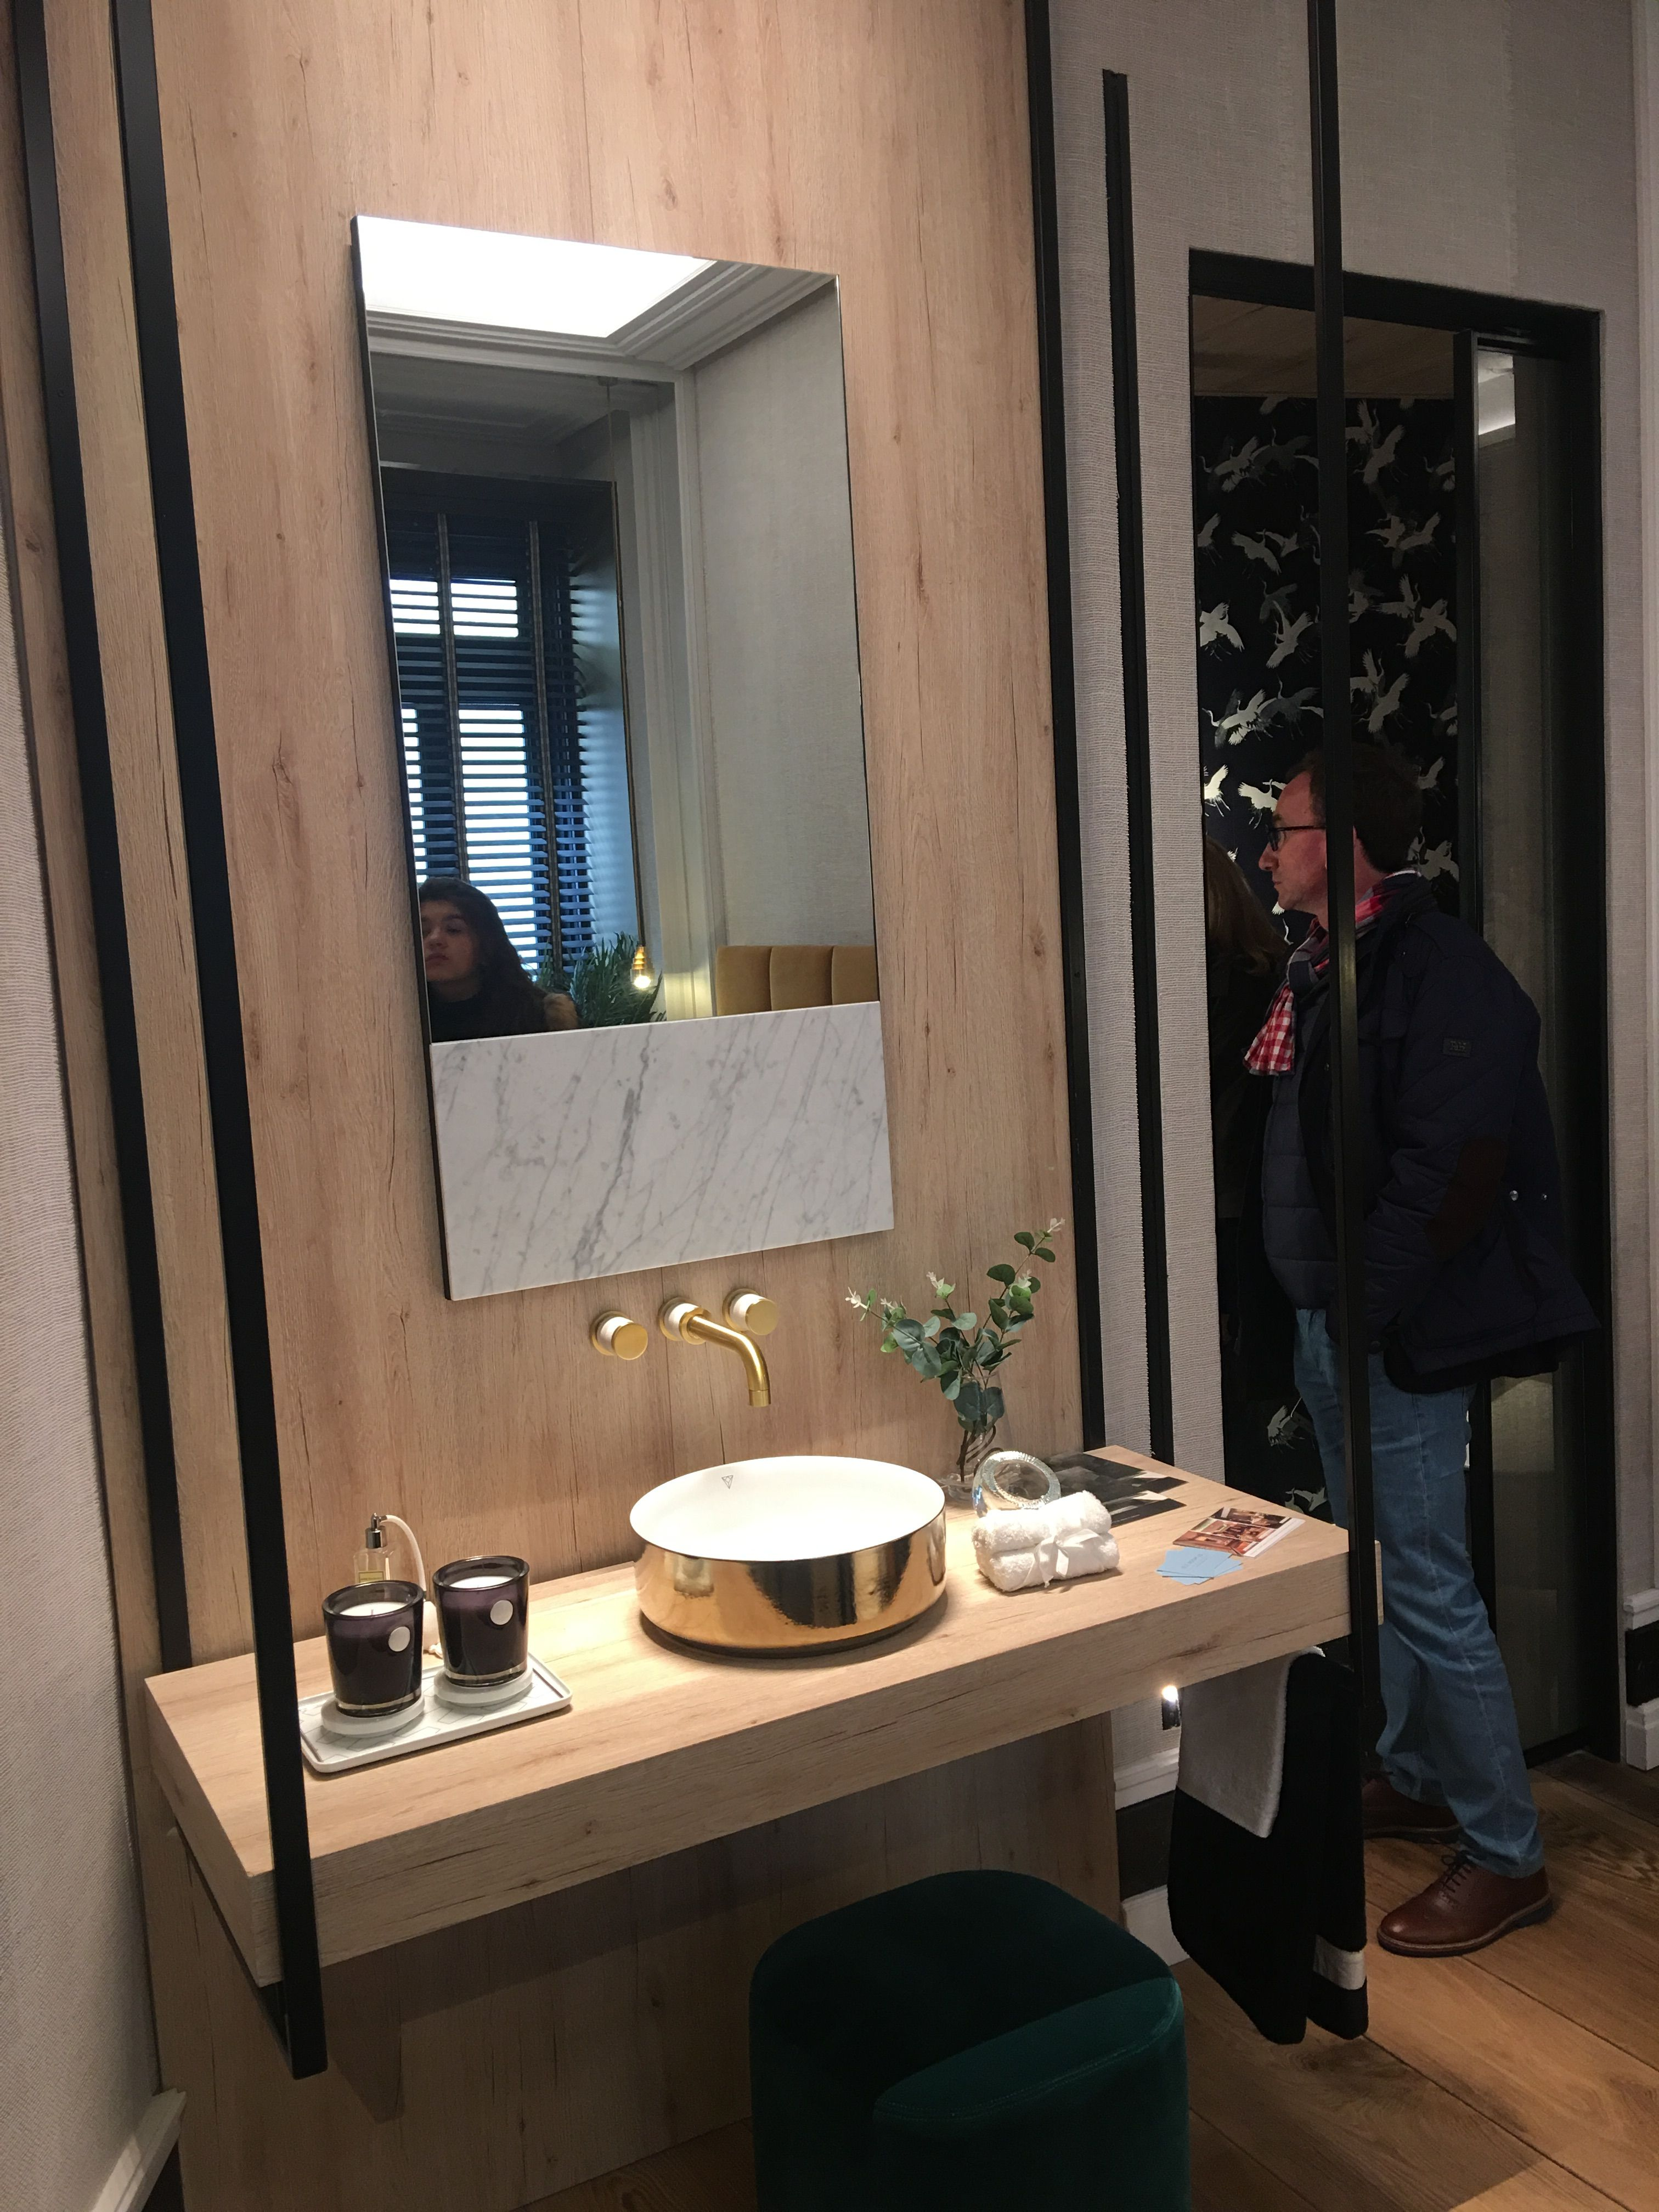 Pin de 張浚澤 en 室 - / 衛浴 / Bathroom。 | Baños